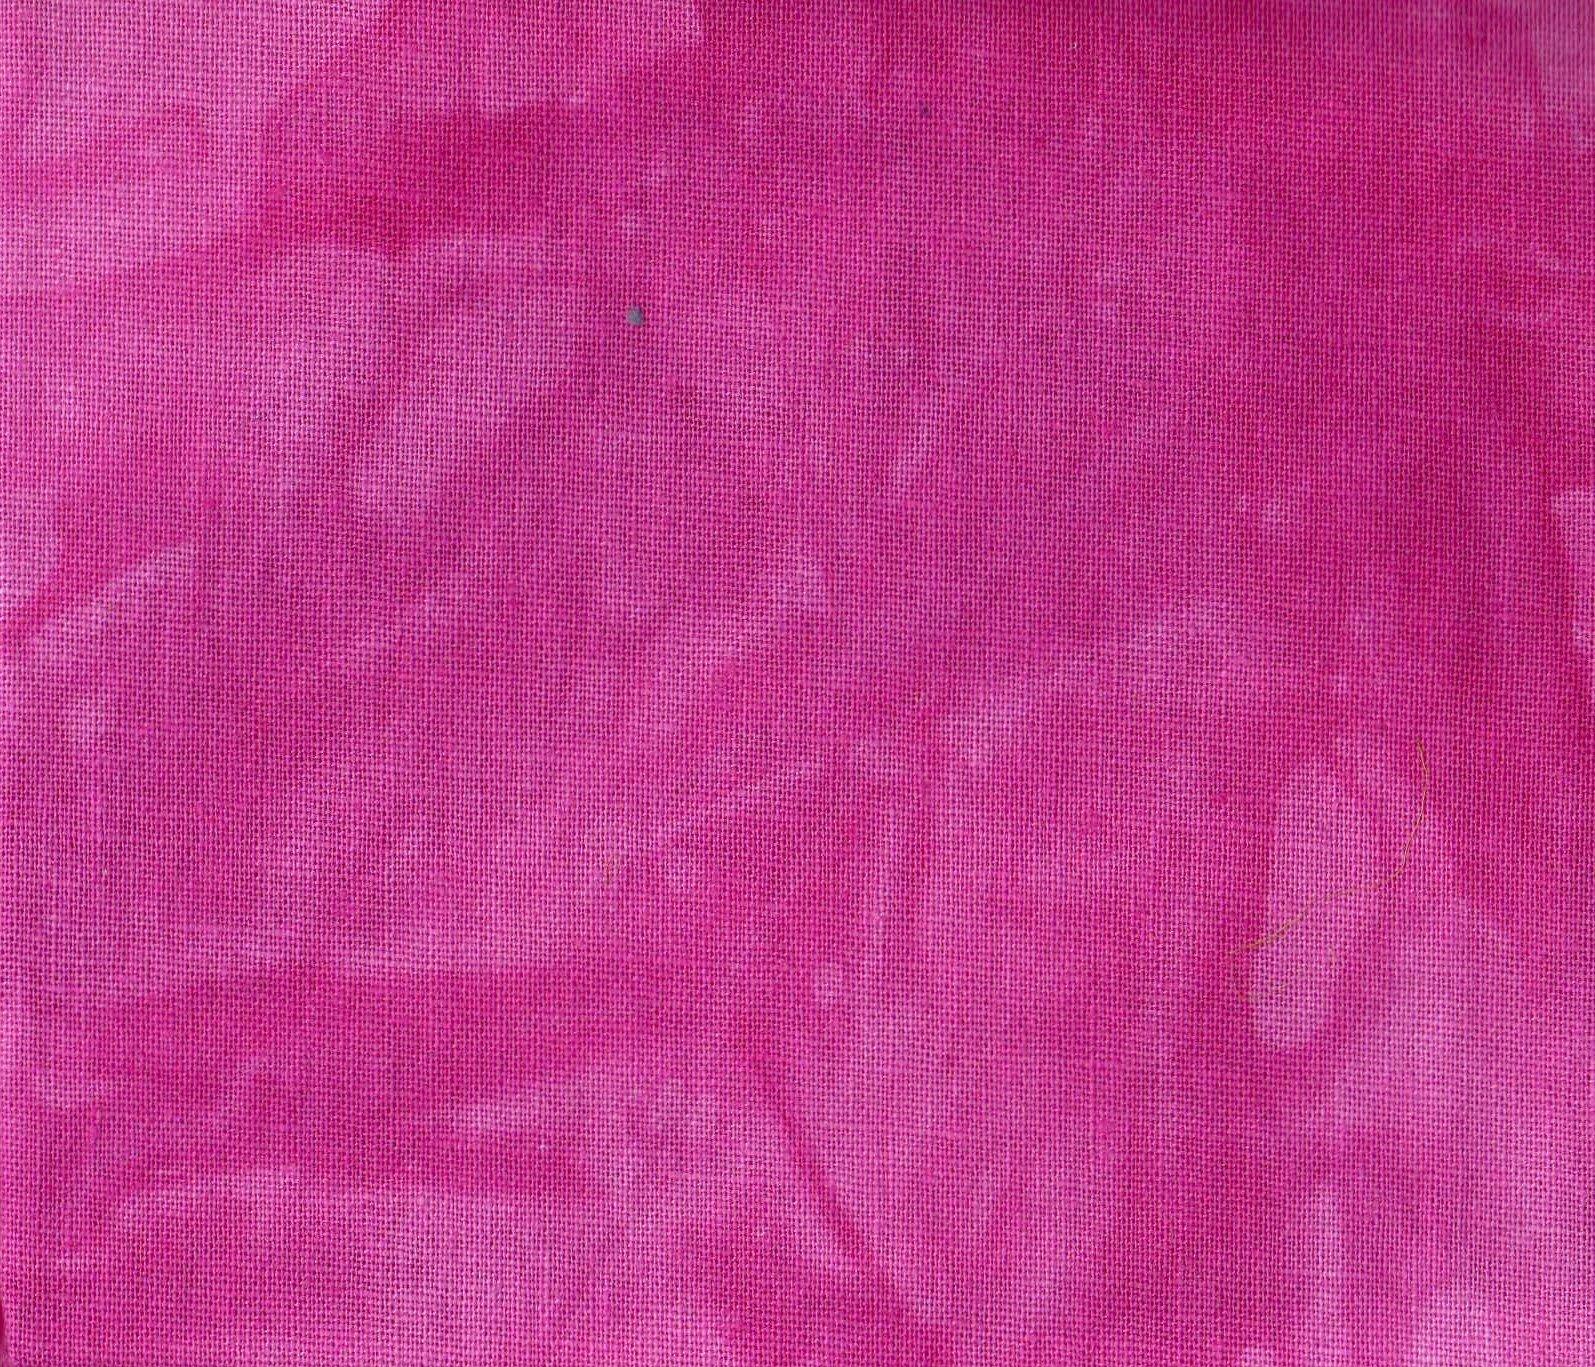 Amethyst Hand-Dyed Linen Fat Quarter